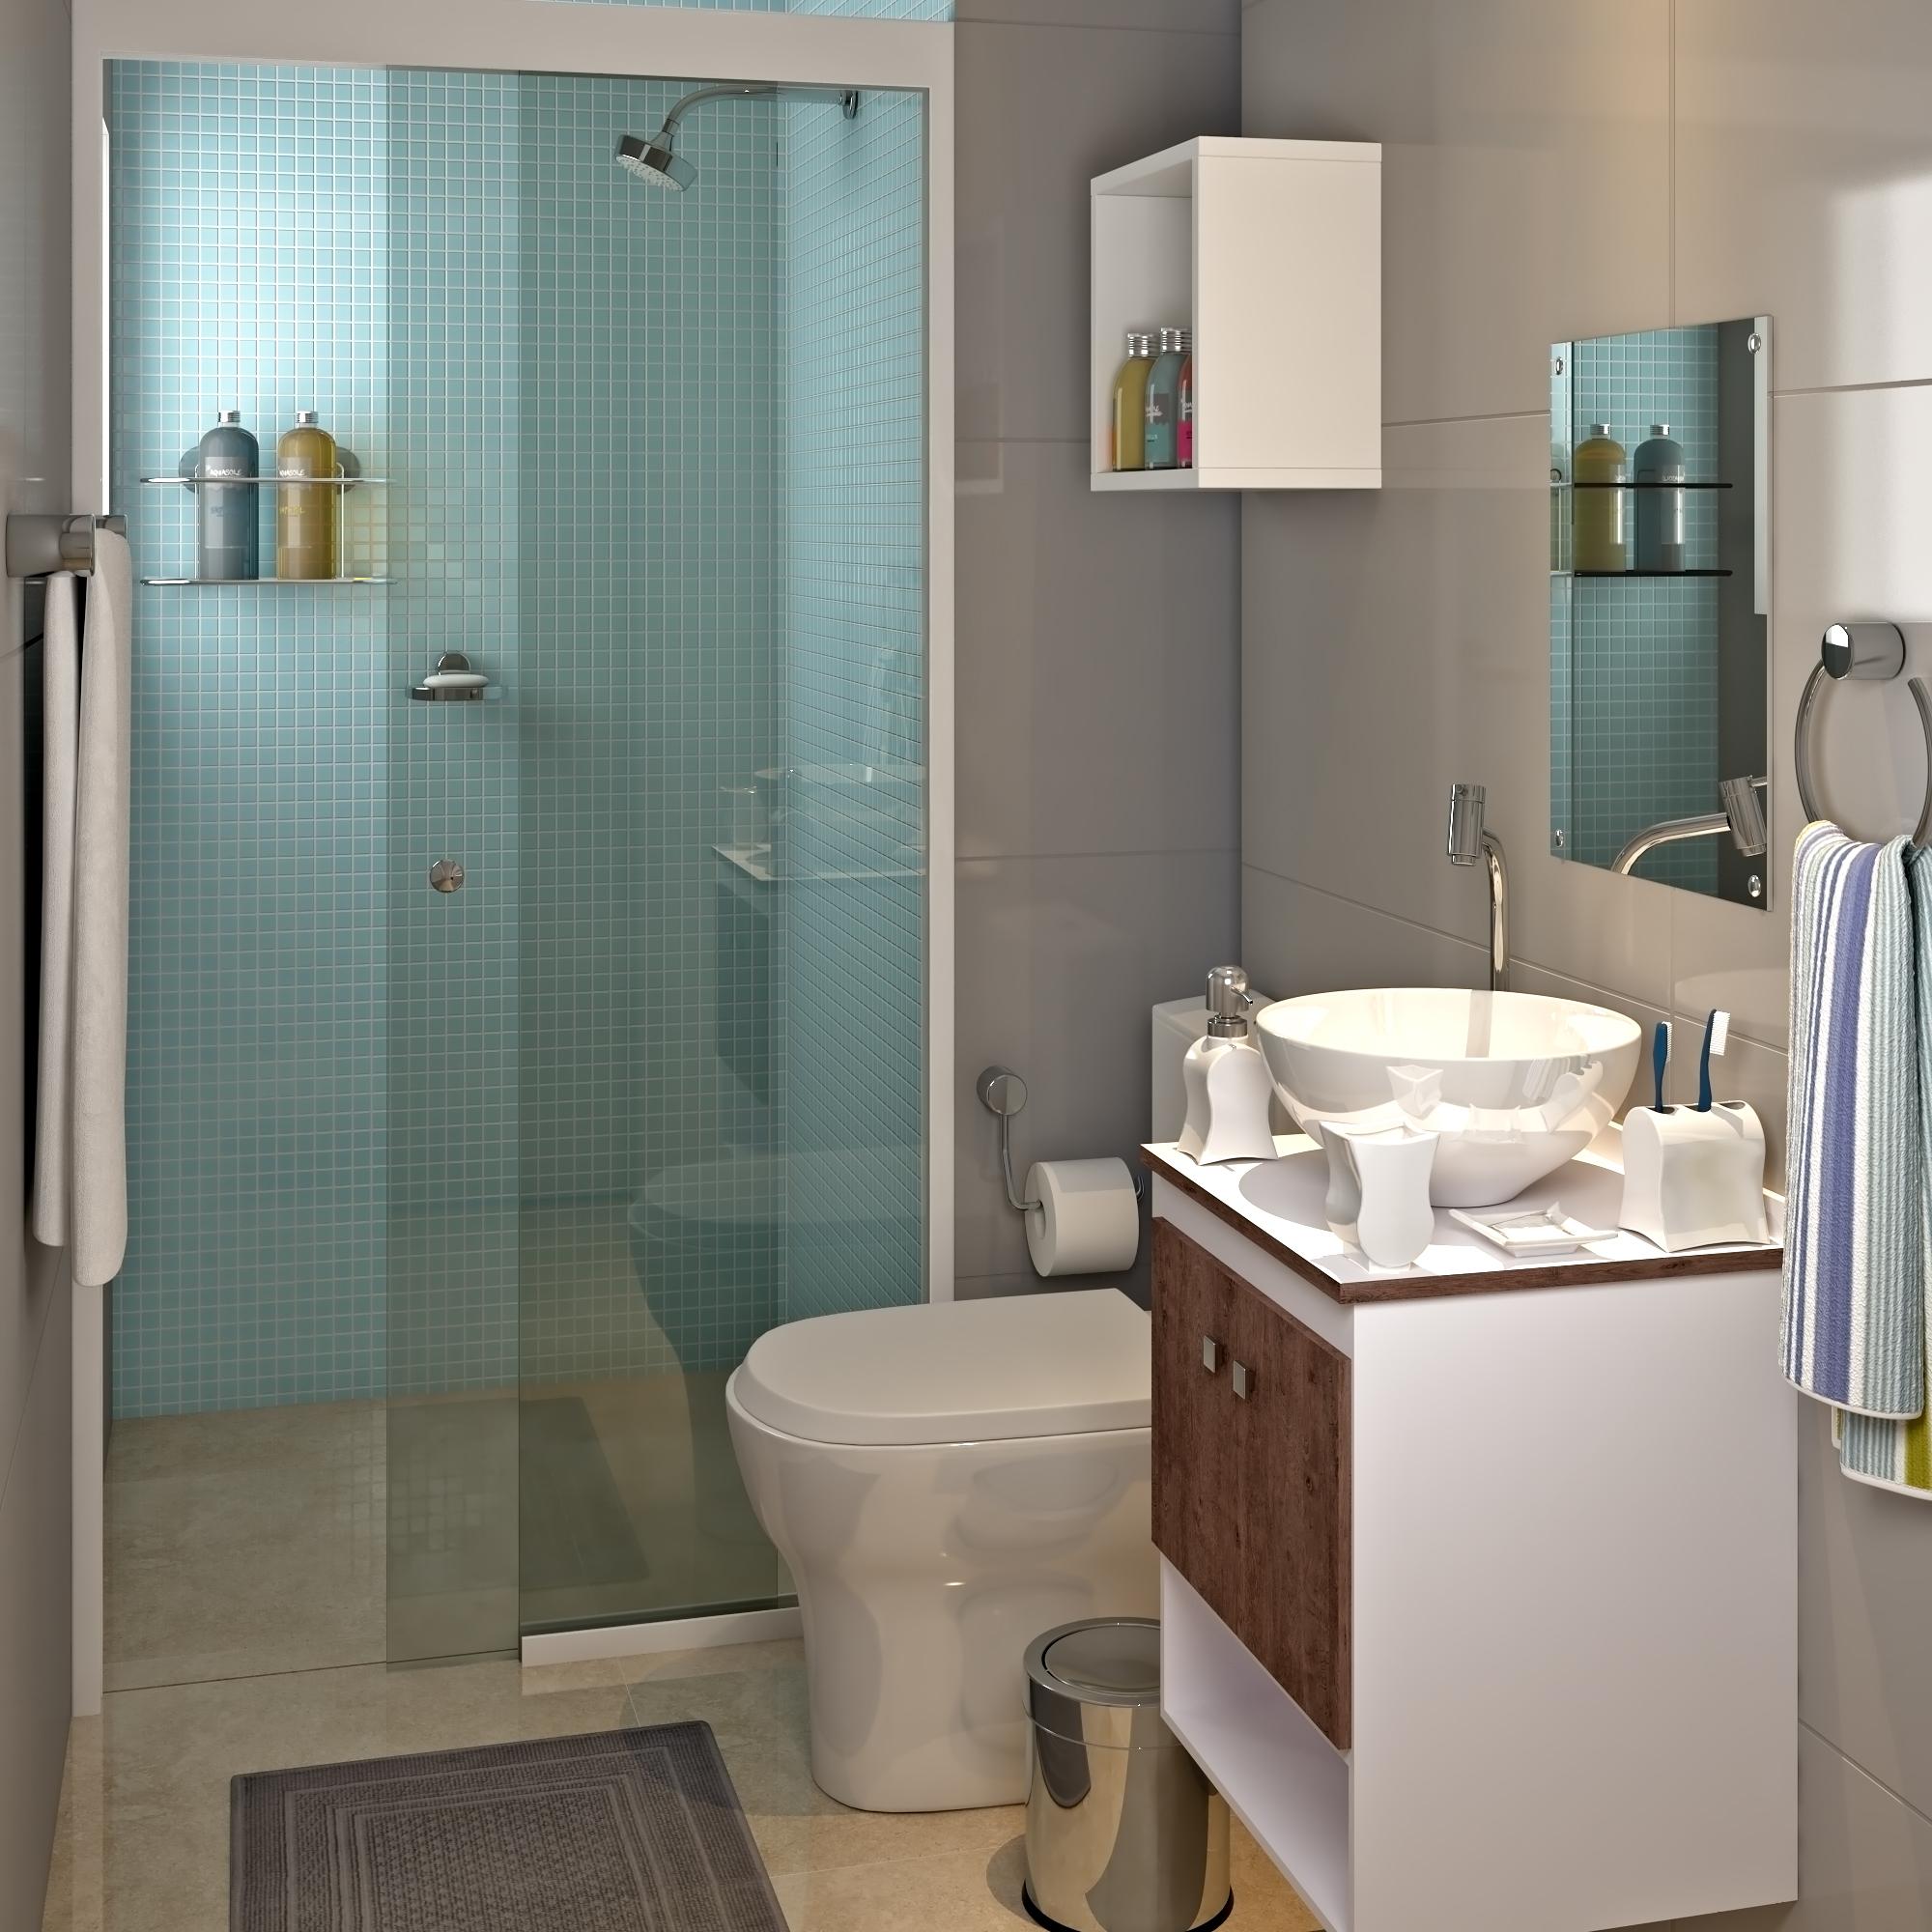 #474474 Banheiro Pequeno e Simples Decorado com Pastilha 2000x2000 px decoração para banheiros pequenos e simples